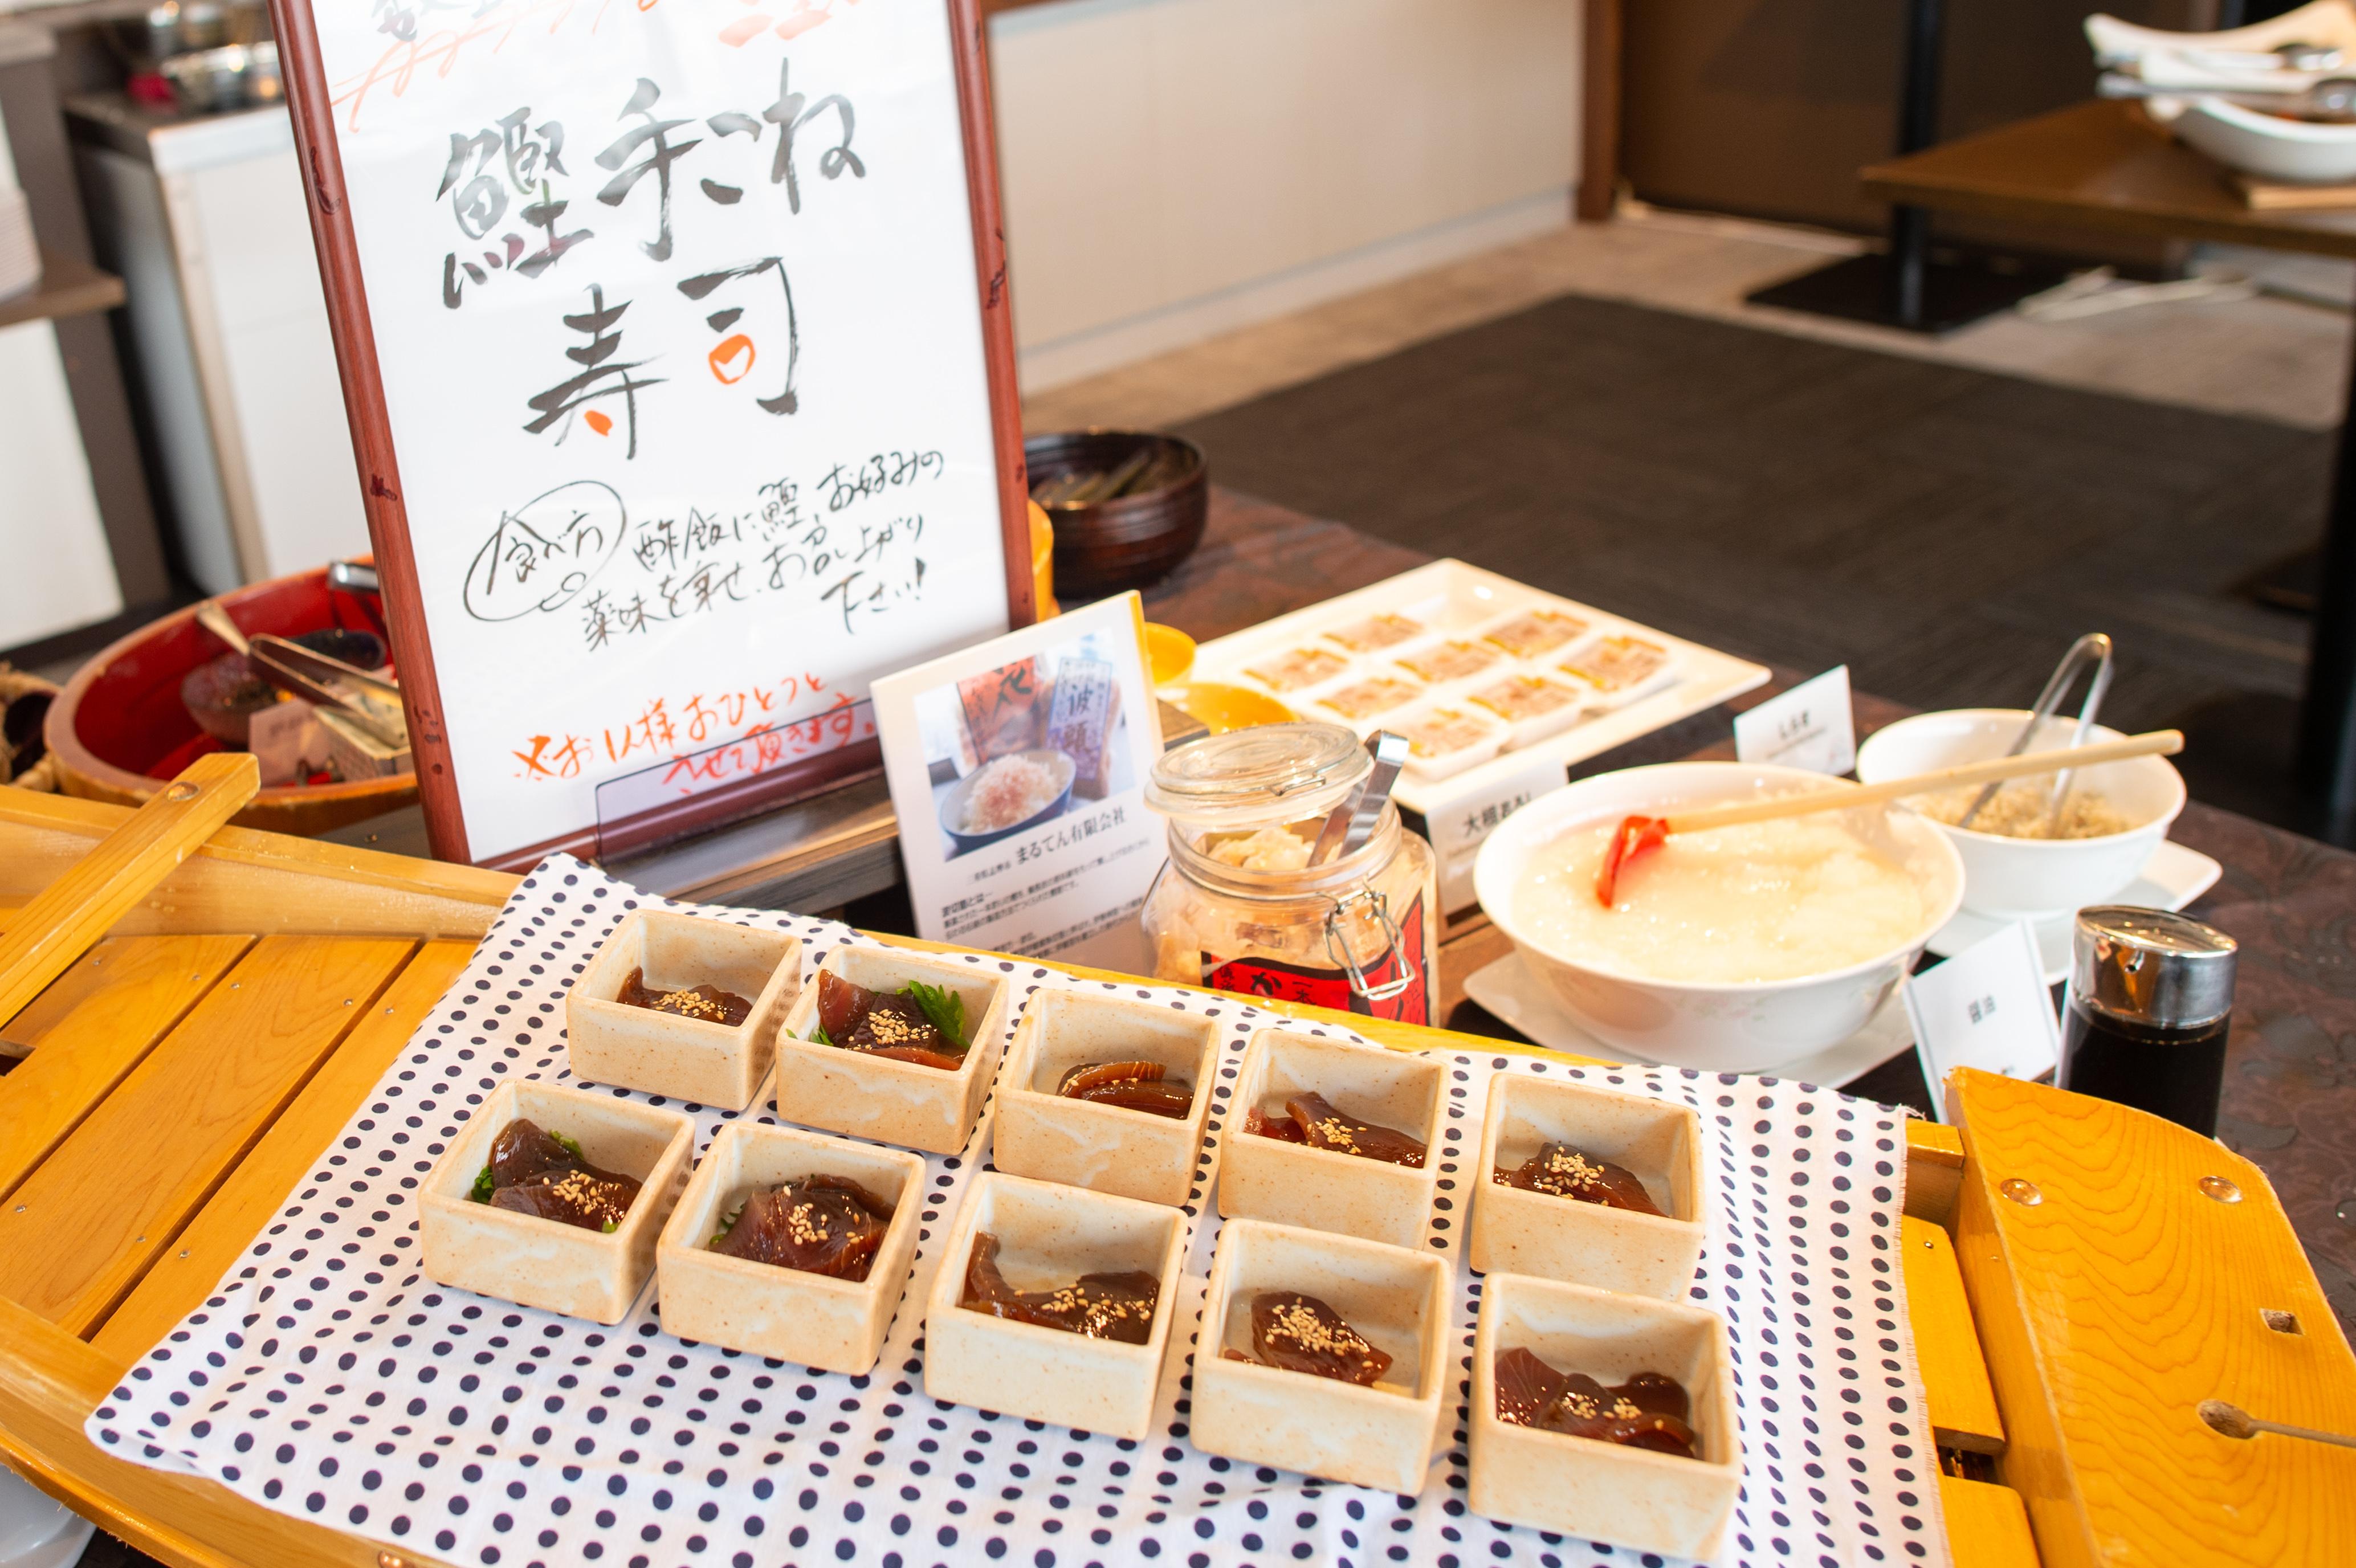 プラトンホテル四日市 朝食ビュッフェ みえの朝ごはん 手こね寿司3